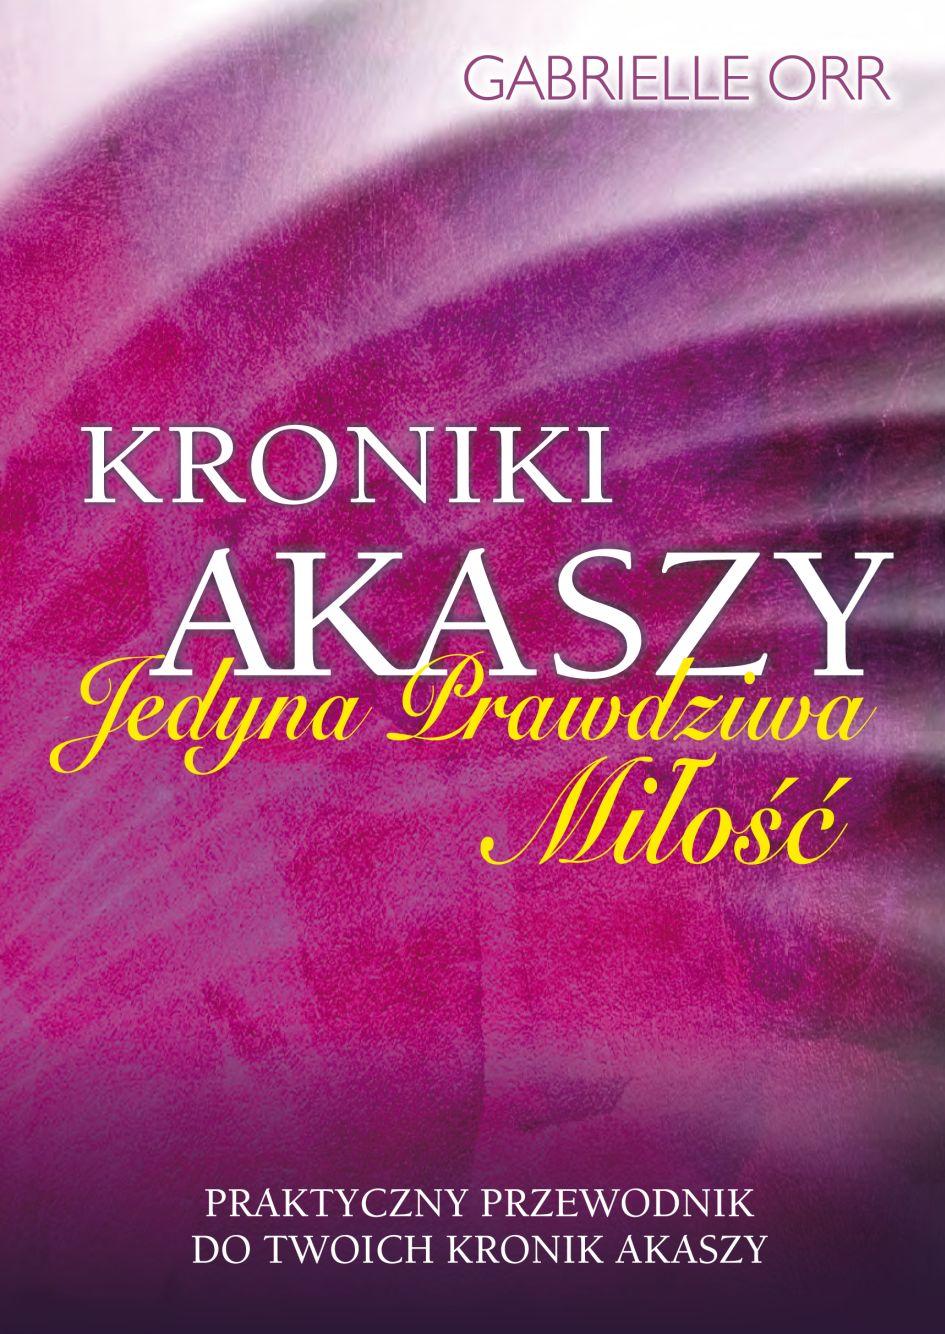 Kroniki-Akaszy_KOS